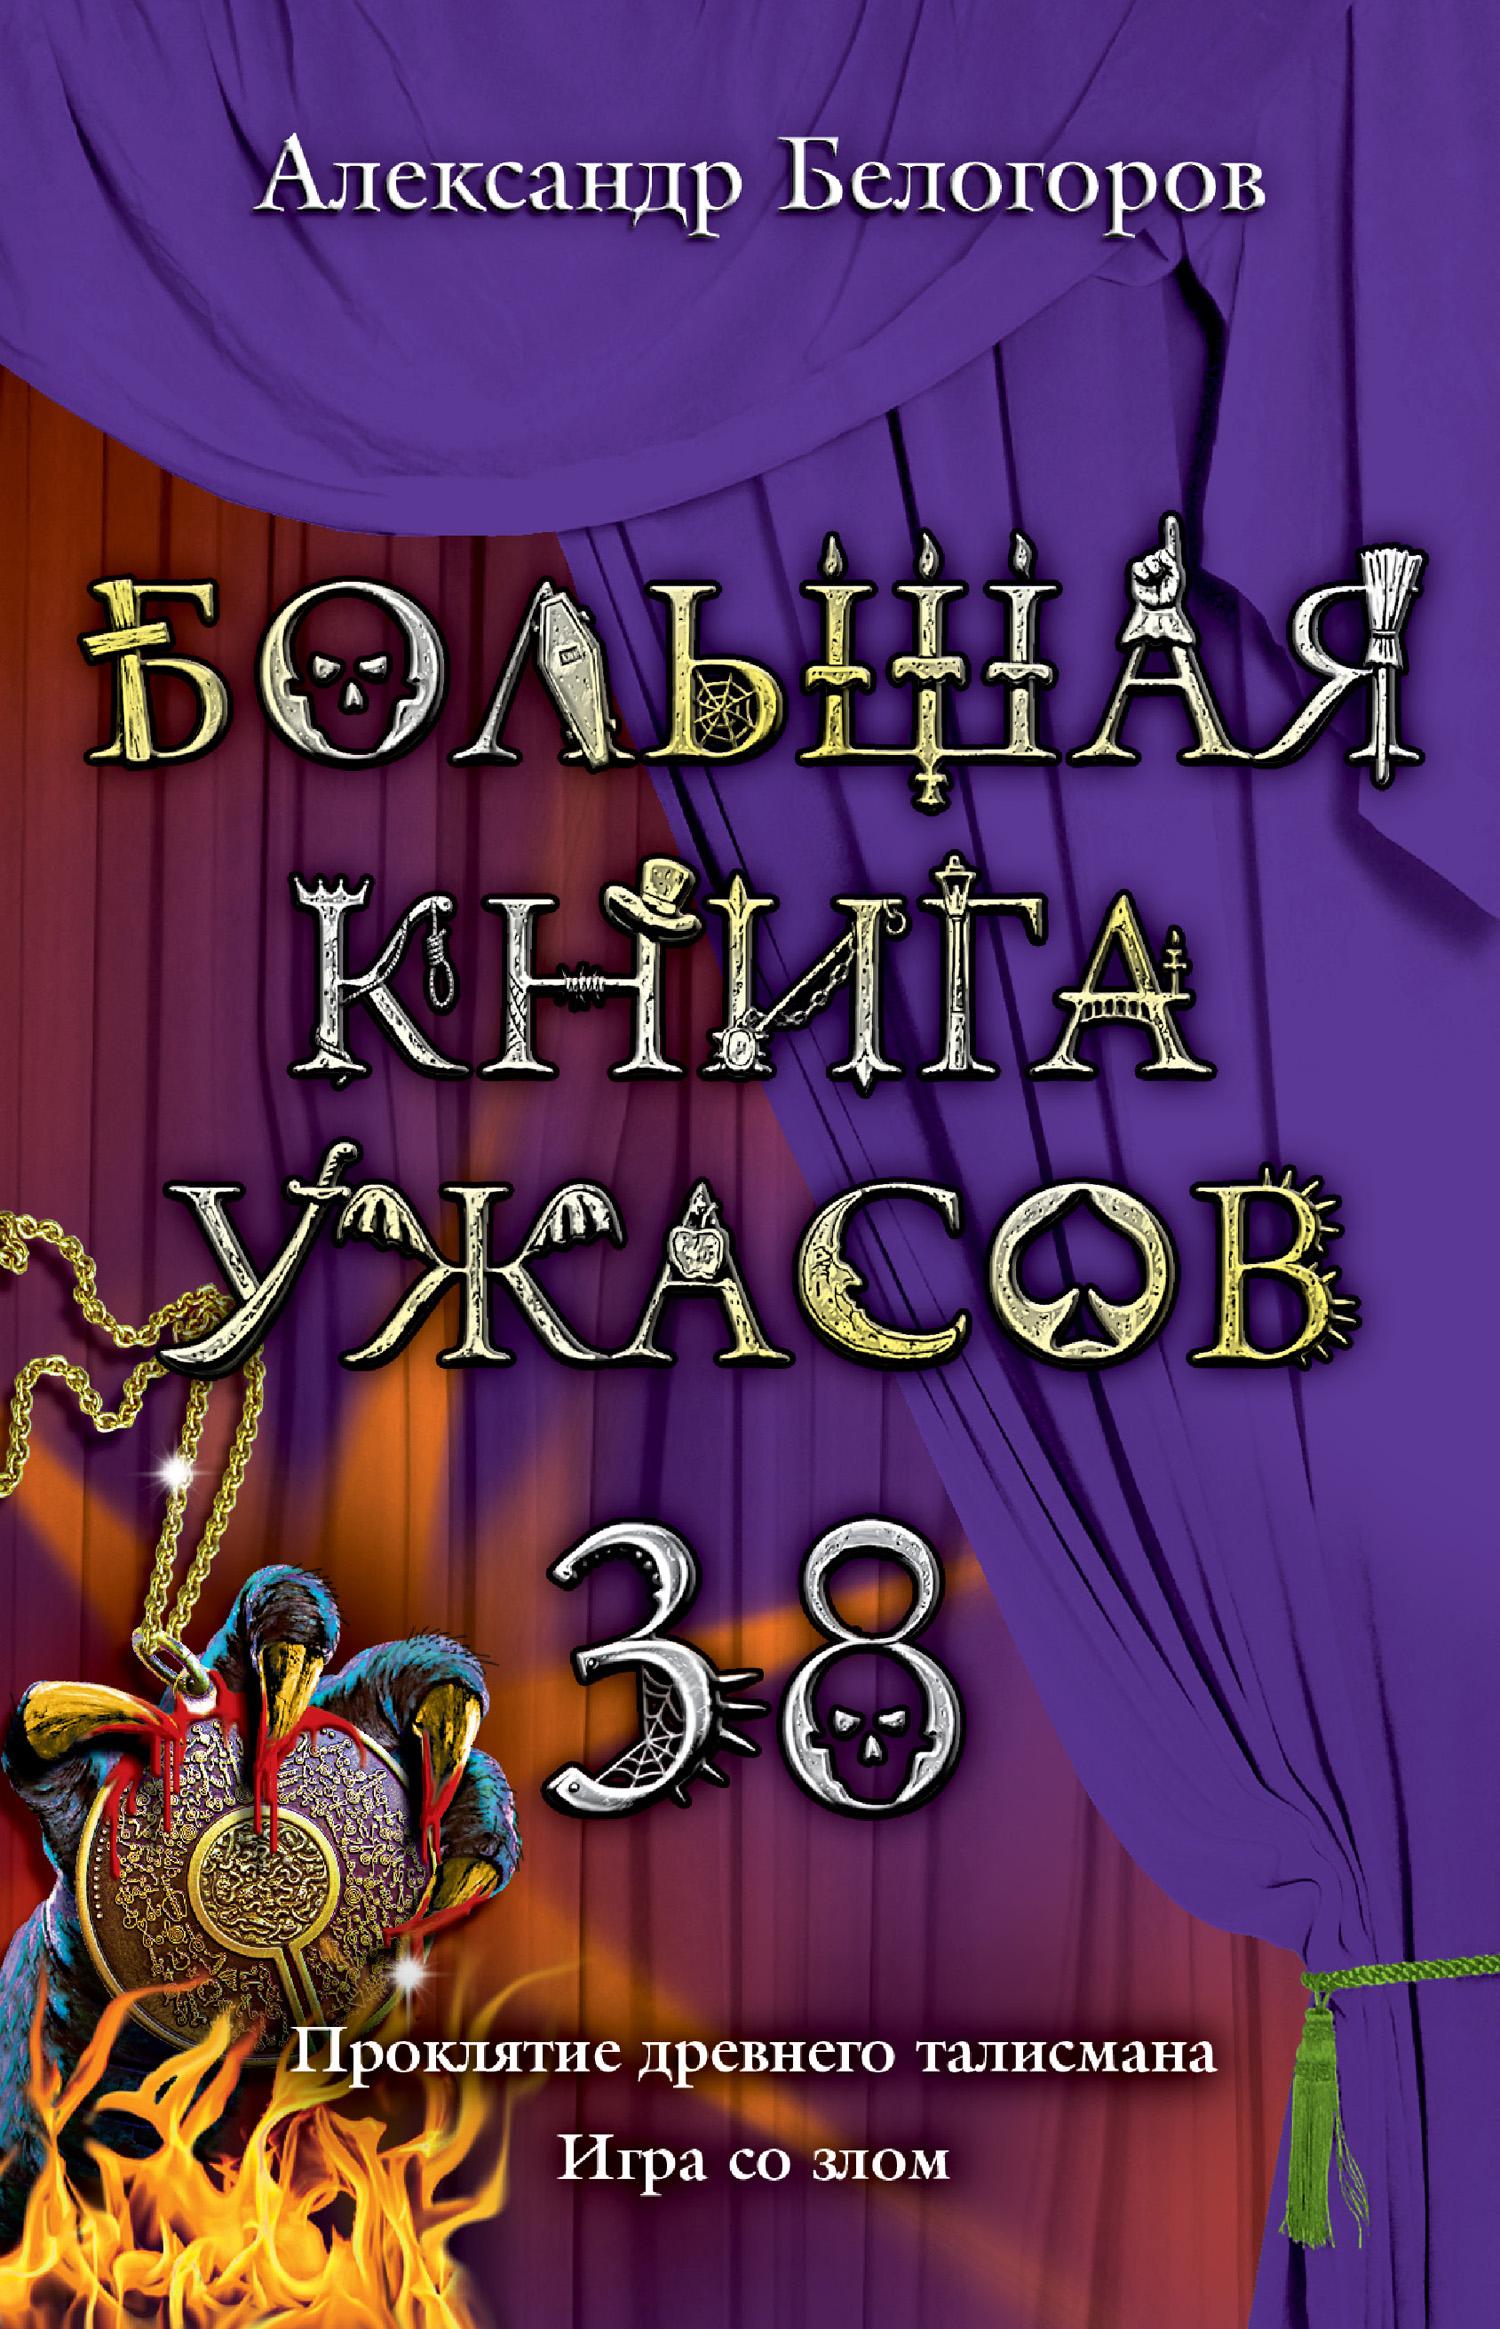 Книга Игра со злом